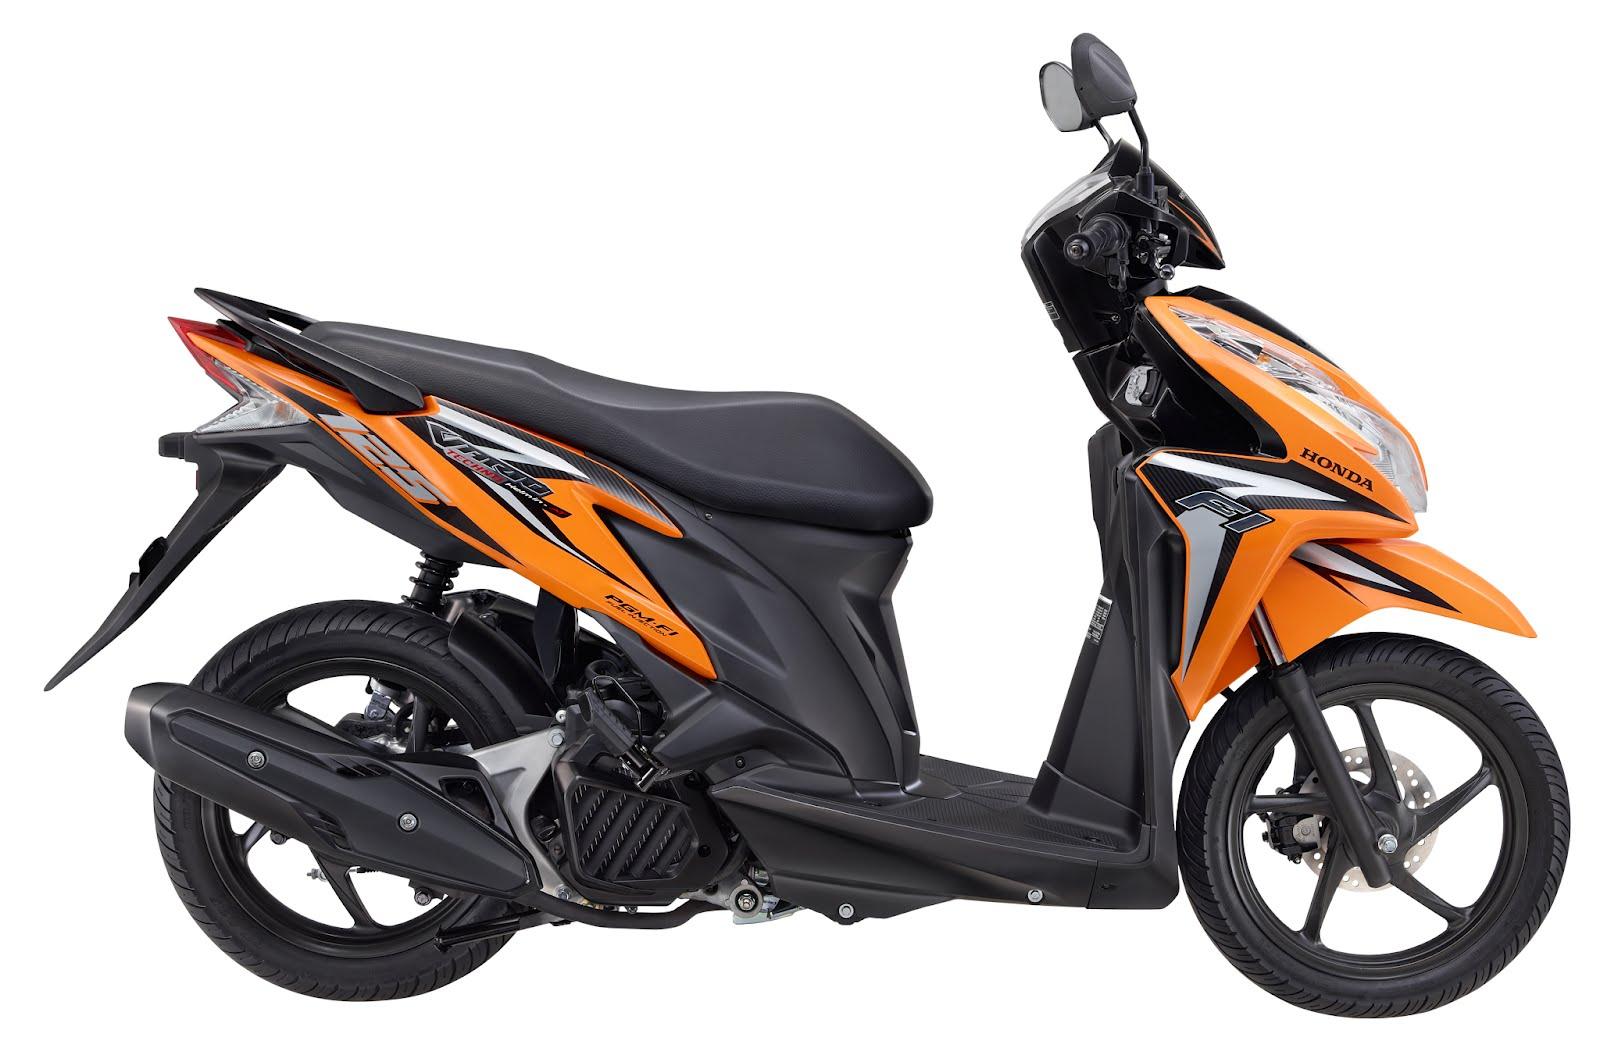 Spesifikasi Sepeda Motor Injeksi Honda Vario Techno 125